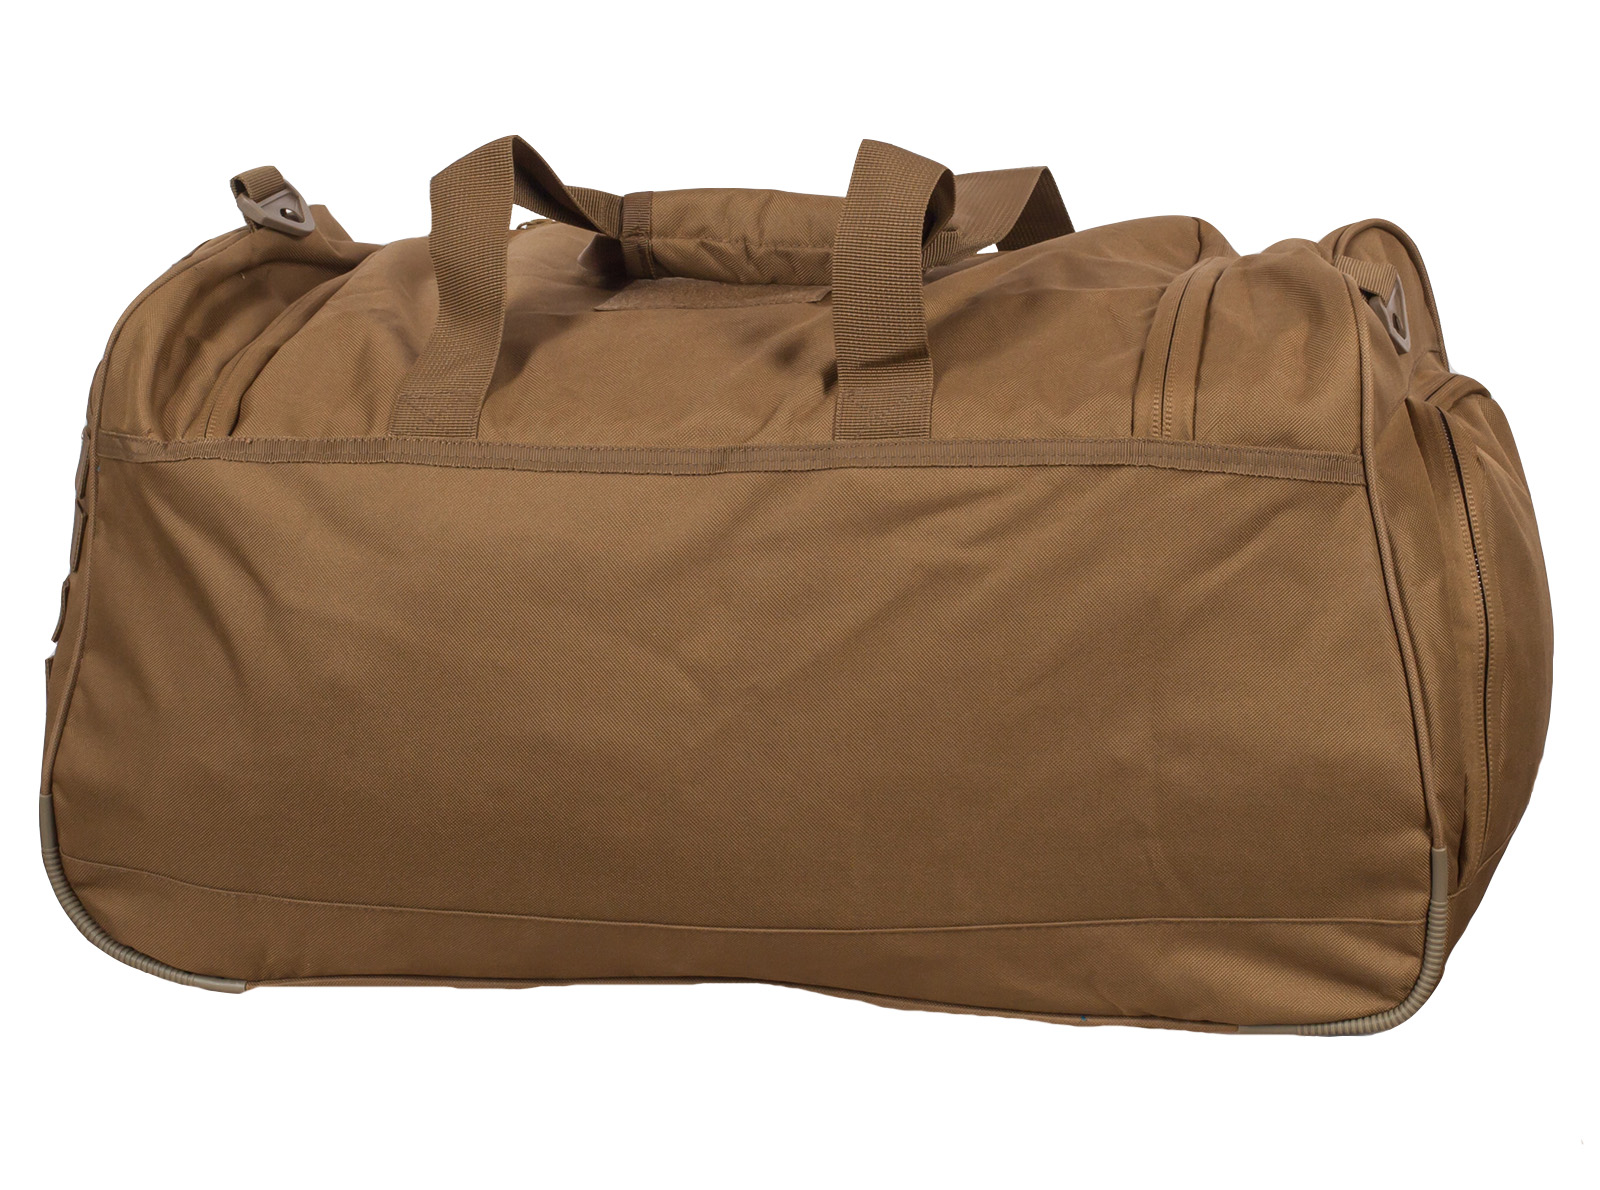 Армейская амуниция и снаряжение ГРУ – от подшлемников до сумок и рюкзаков